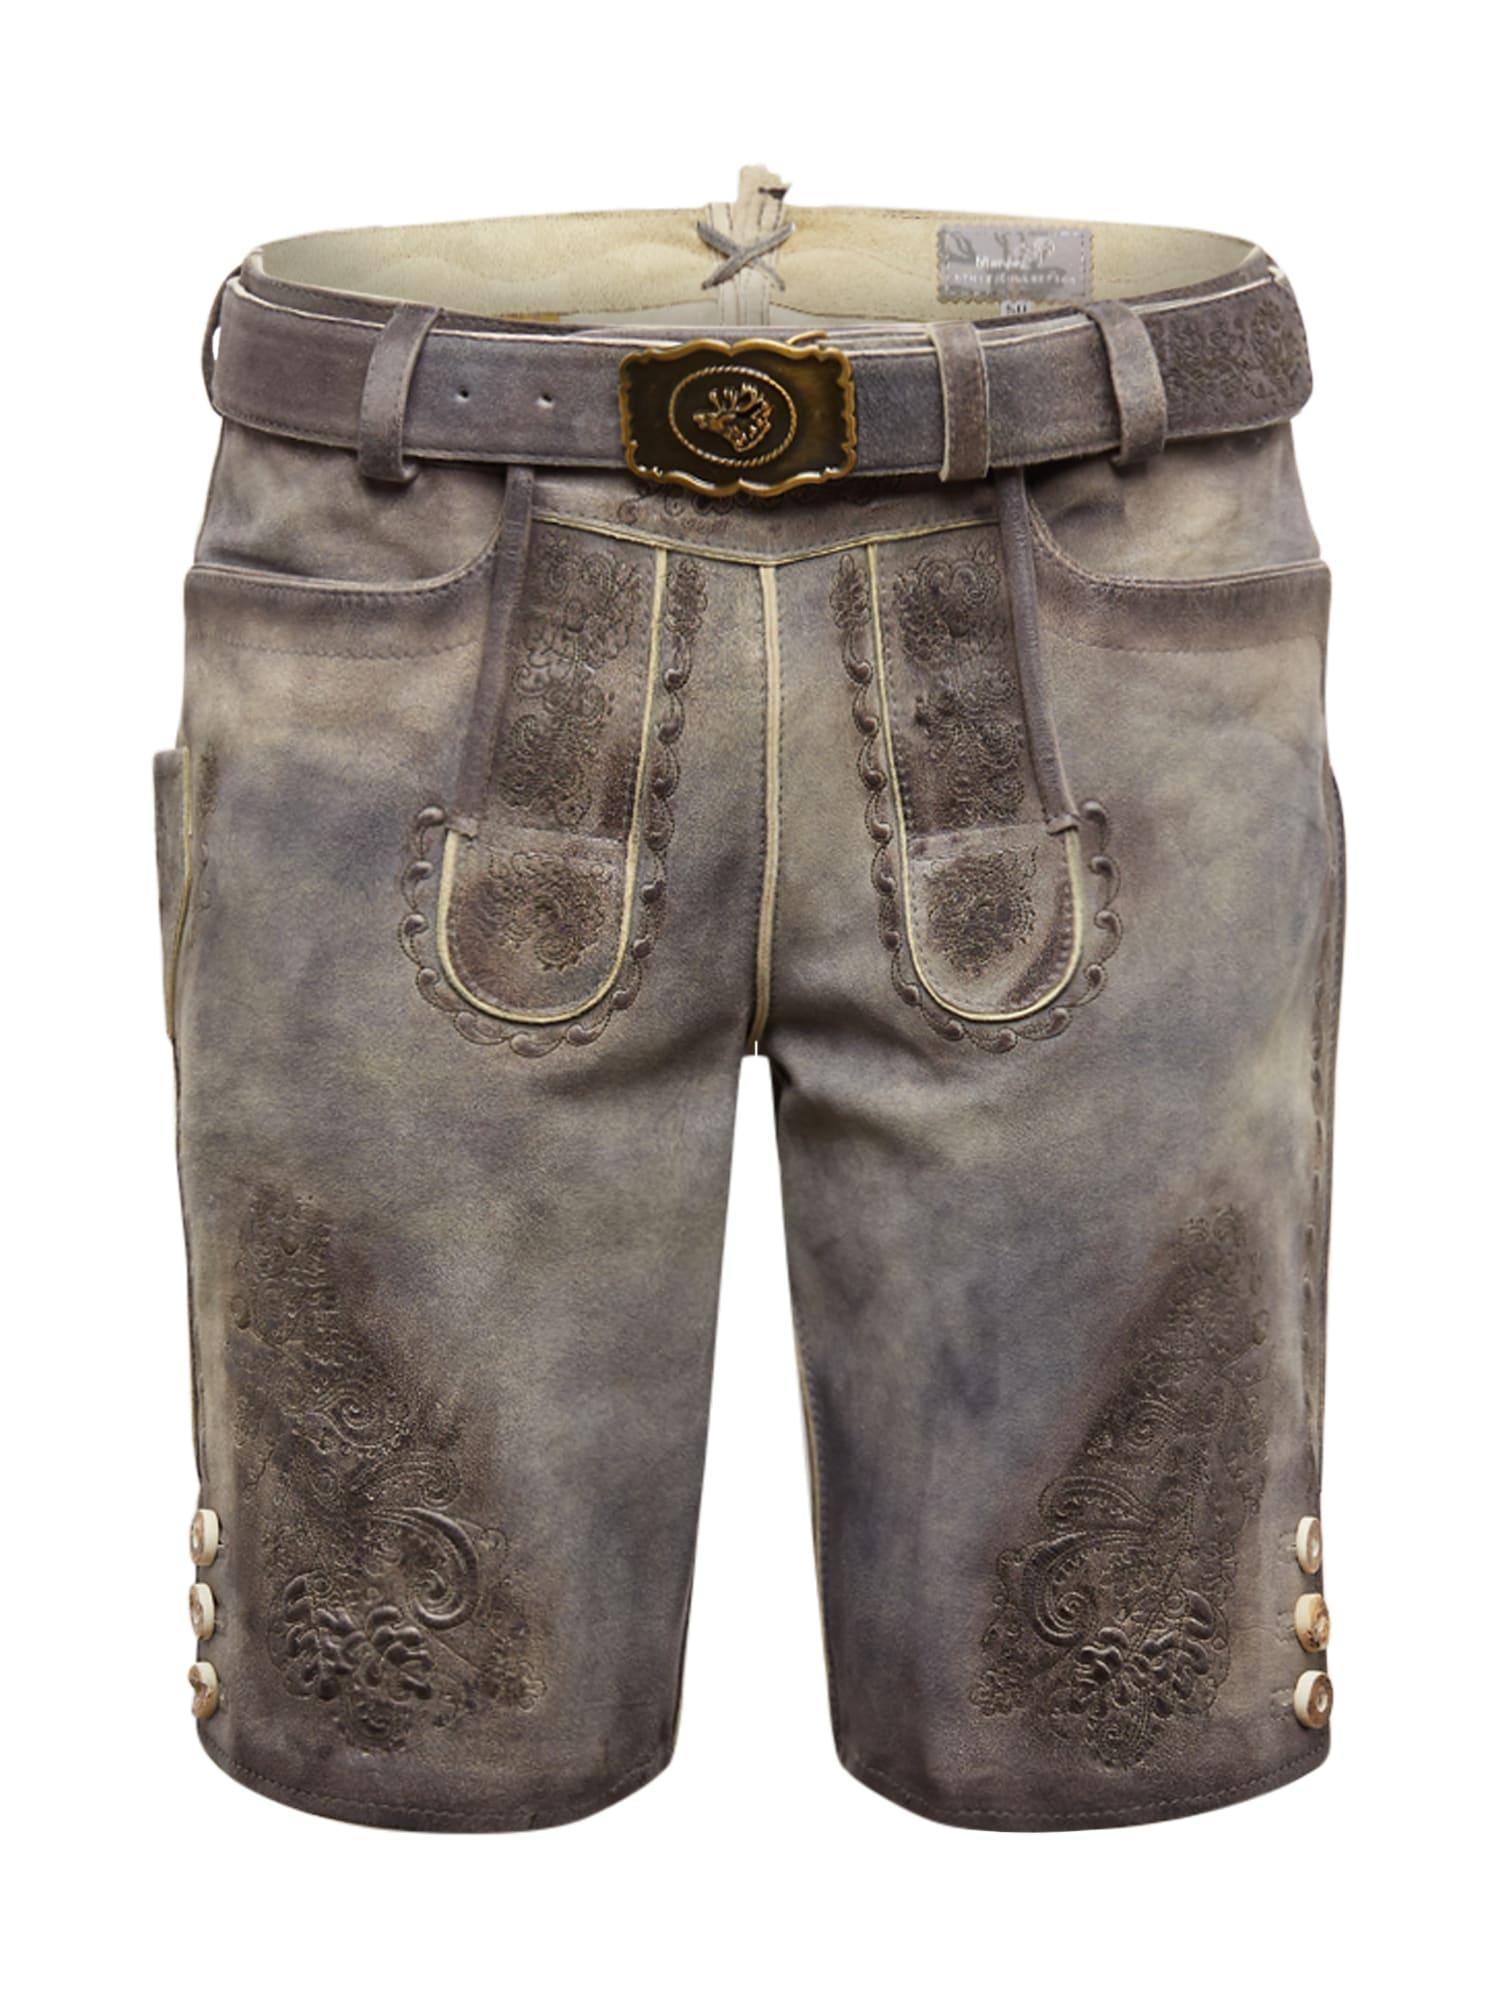 MARJO Kelnės su tradiciniais raštais '017 Arnest inkl. Gürtel' pilka